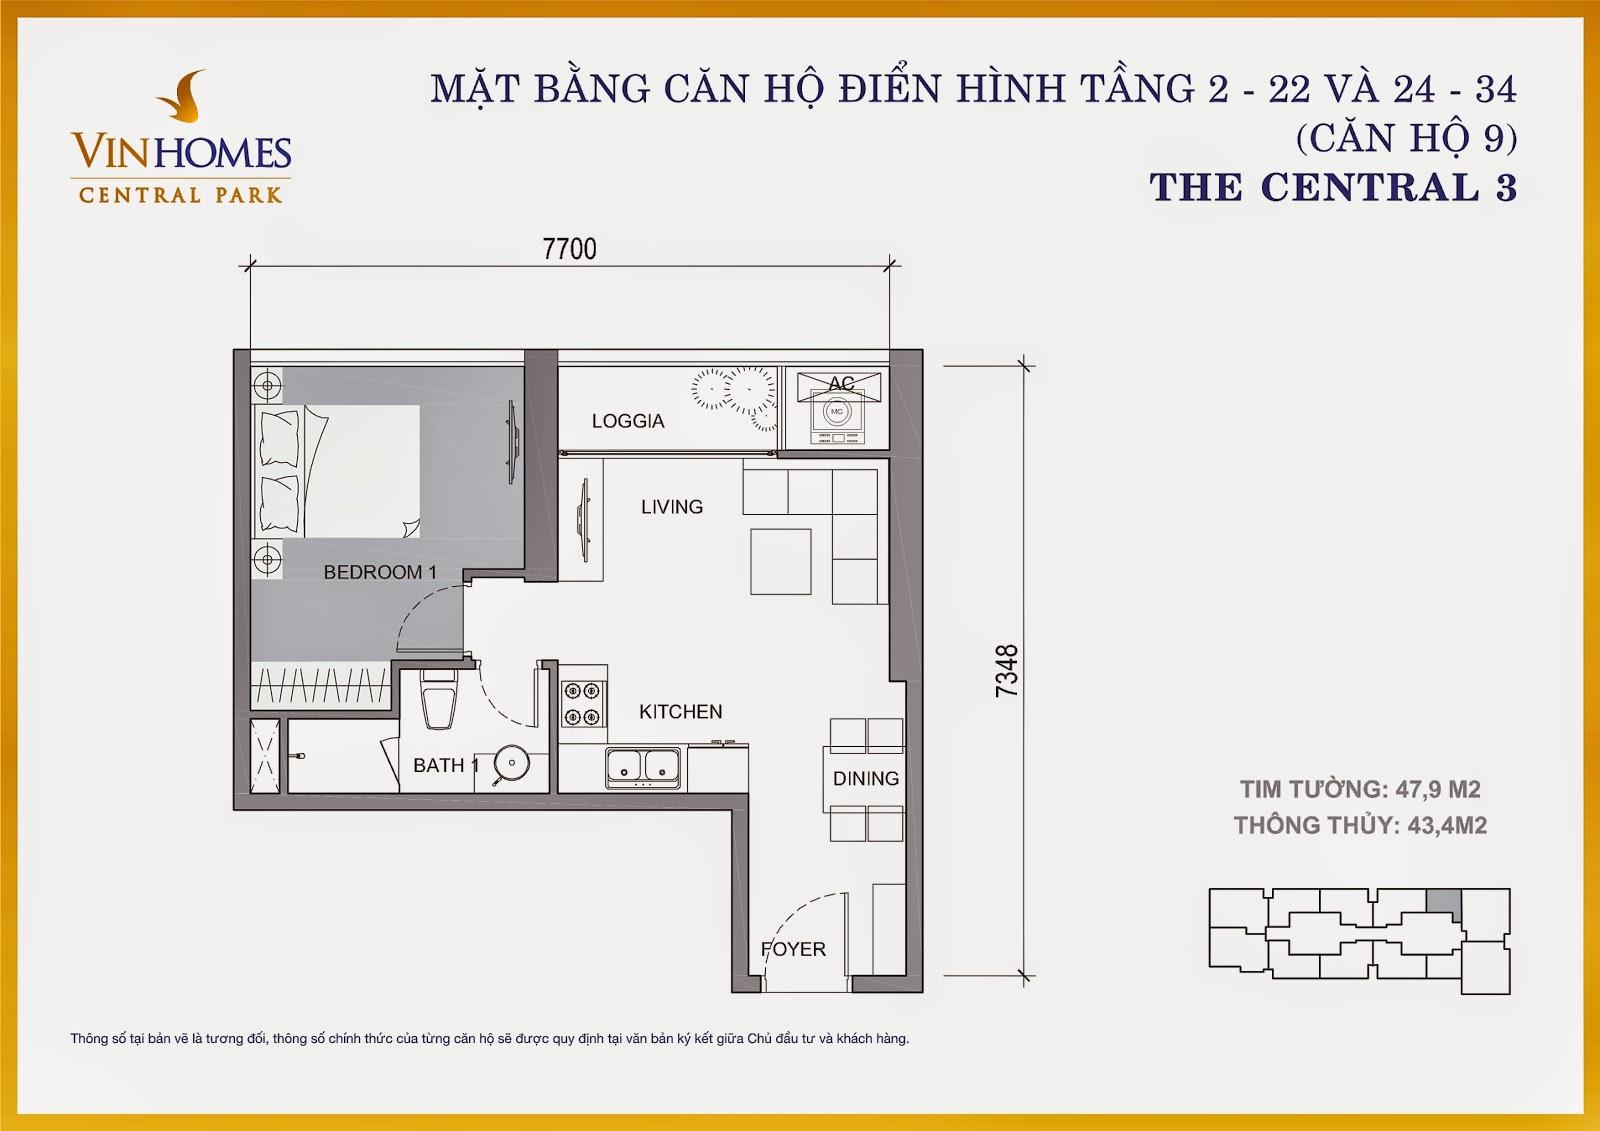 Căn hộ Central 3 1 phòng ngủ